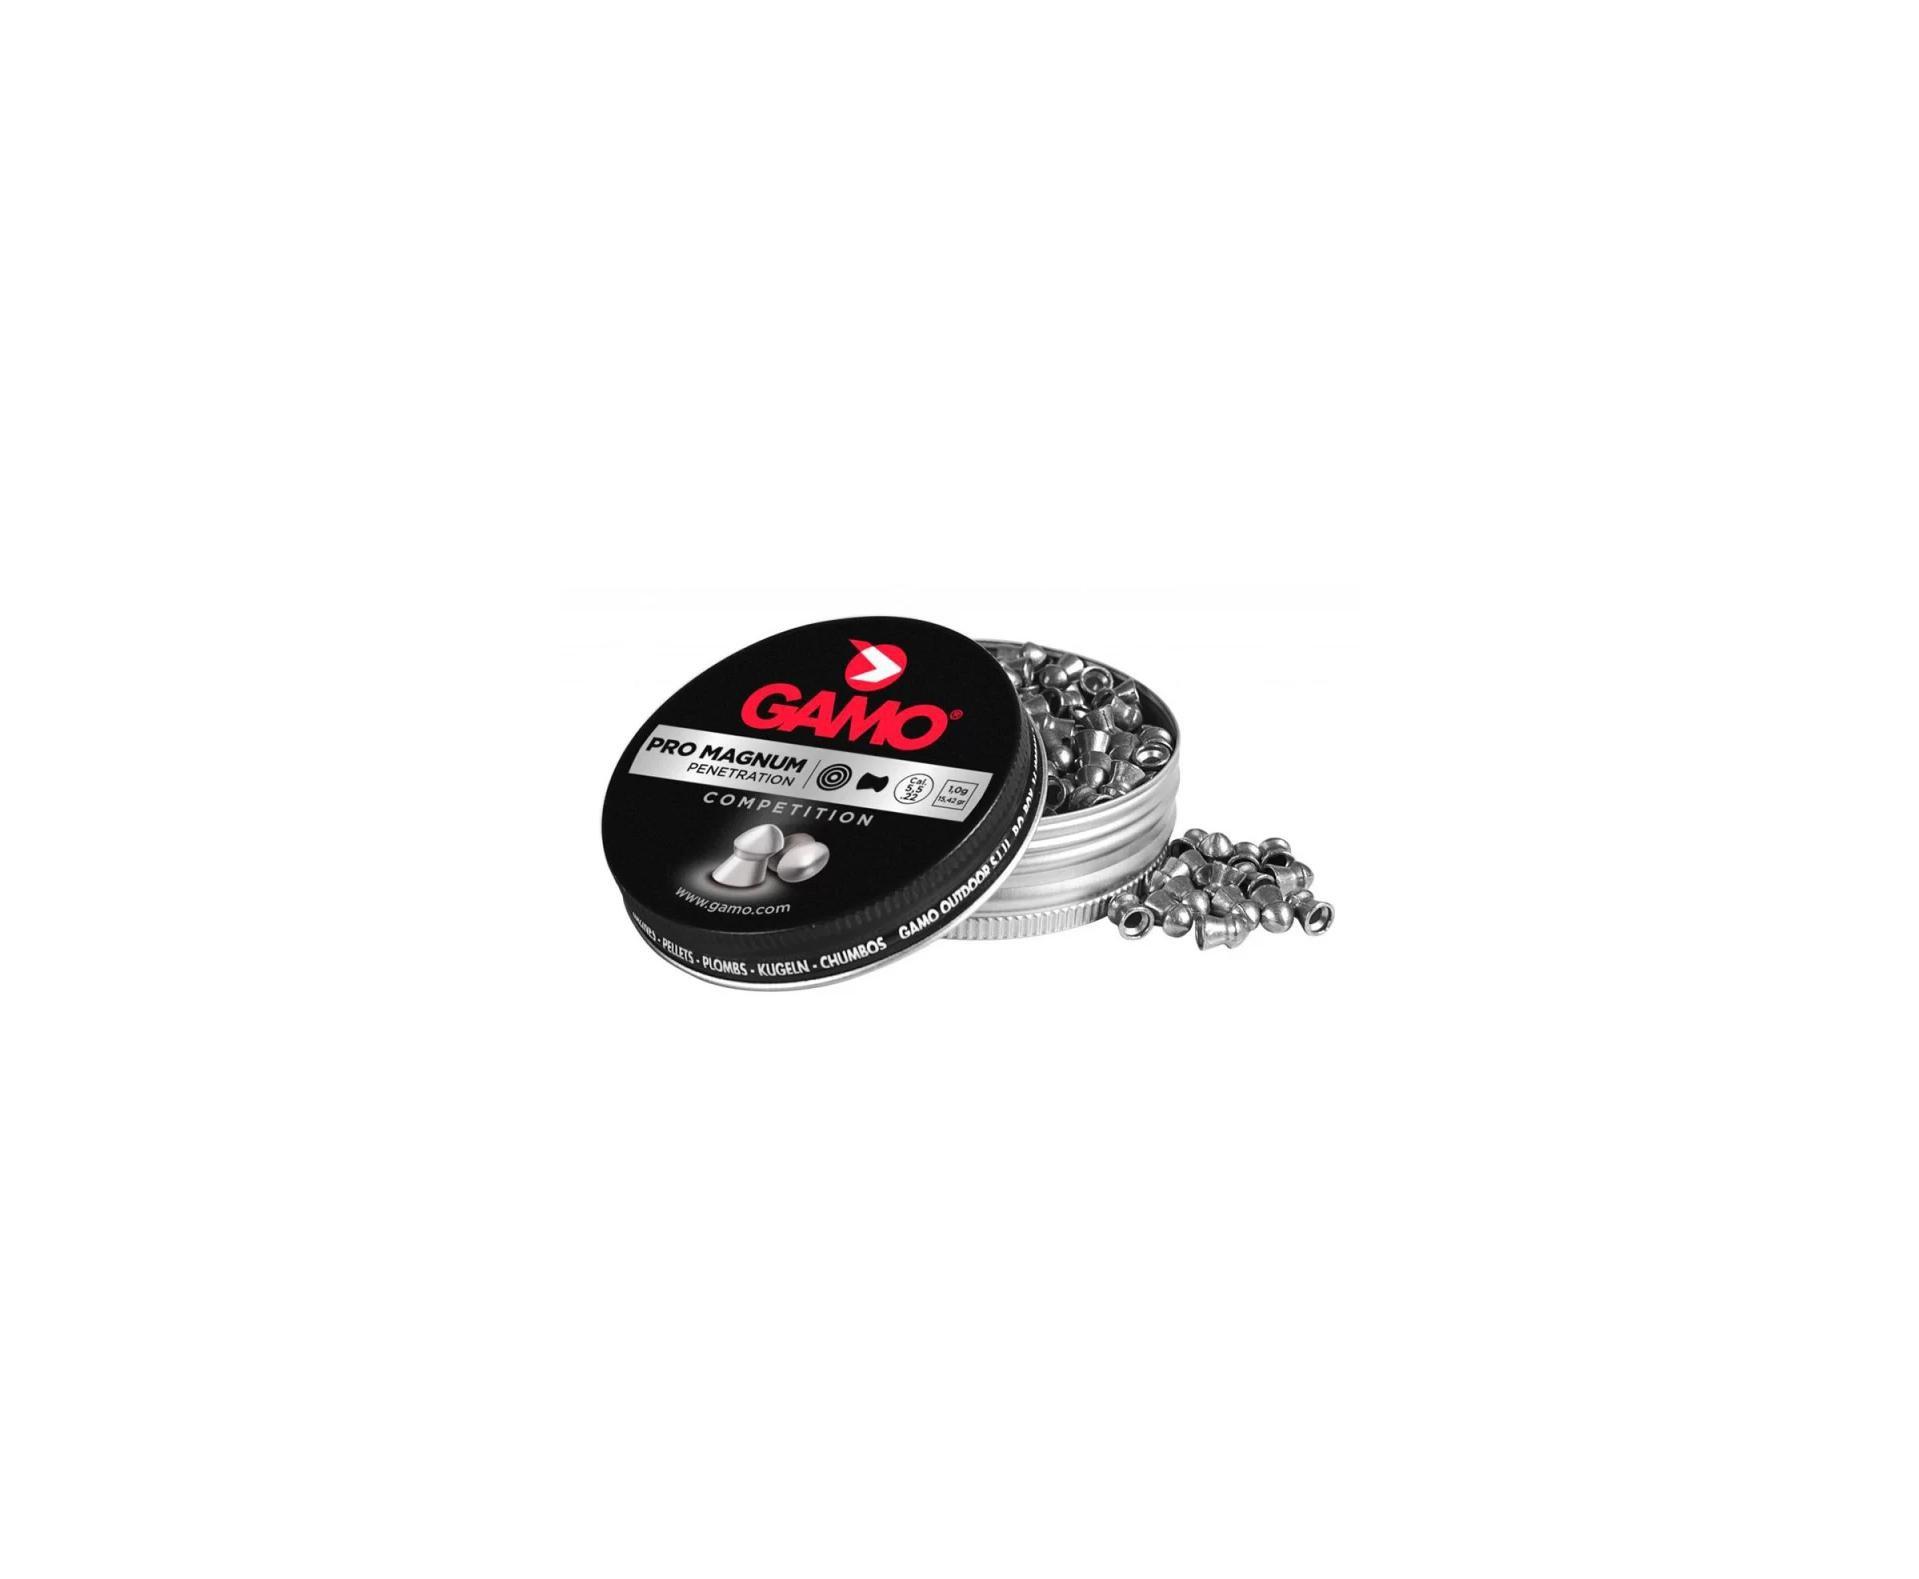 Chumbinho Pro--magnum Cal 5.5mm Gamo Com 125und